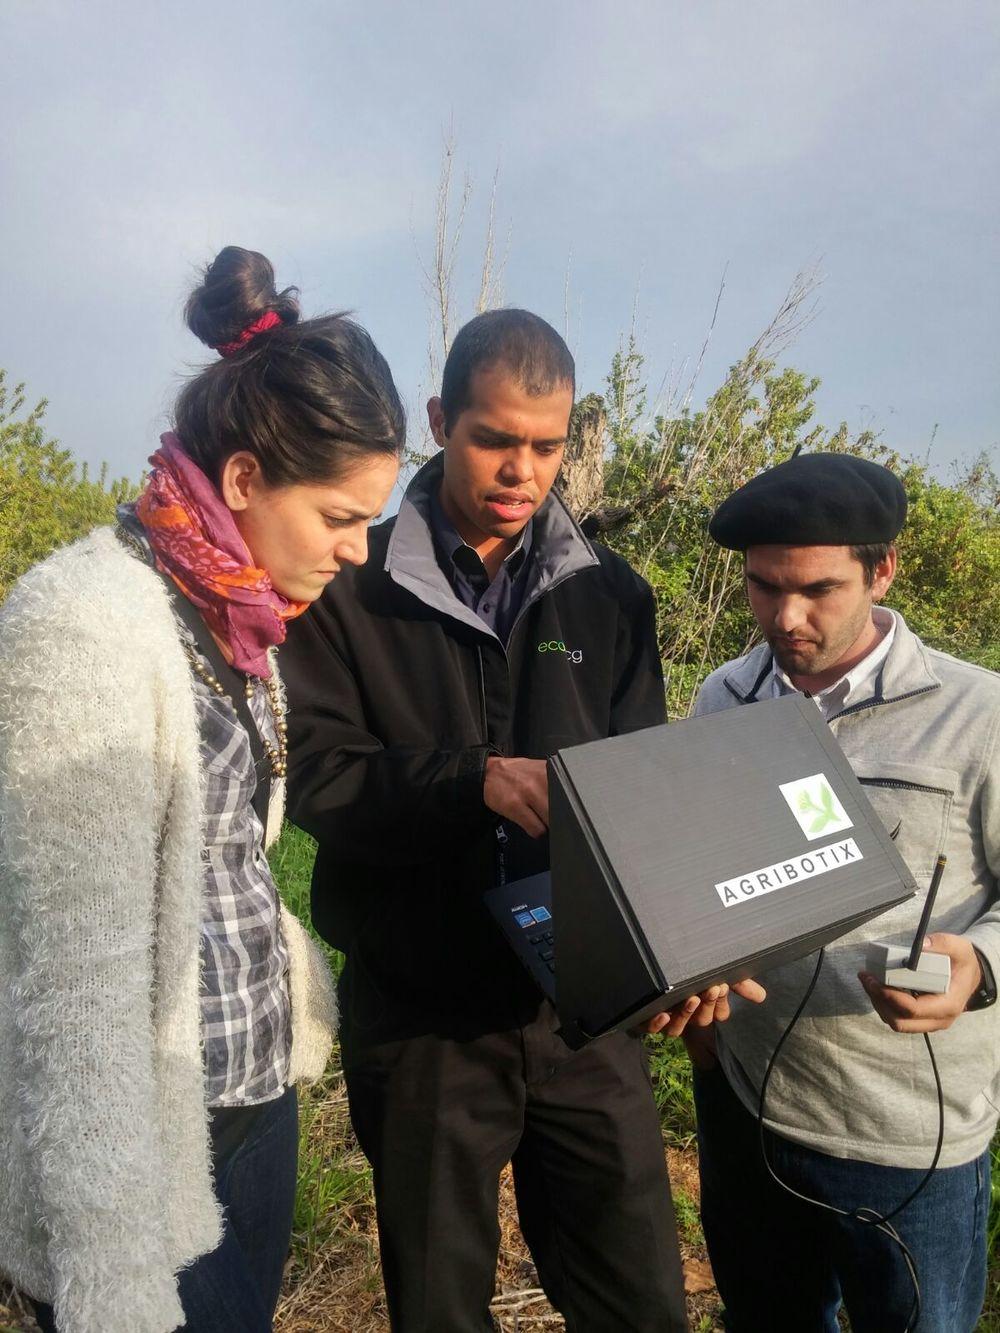 Nuestros ingenieros especialistas de Agribotix LatAm, monitoreando el vuelo del dron